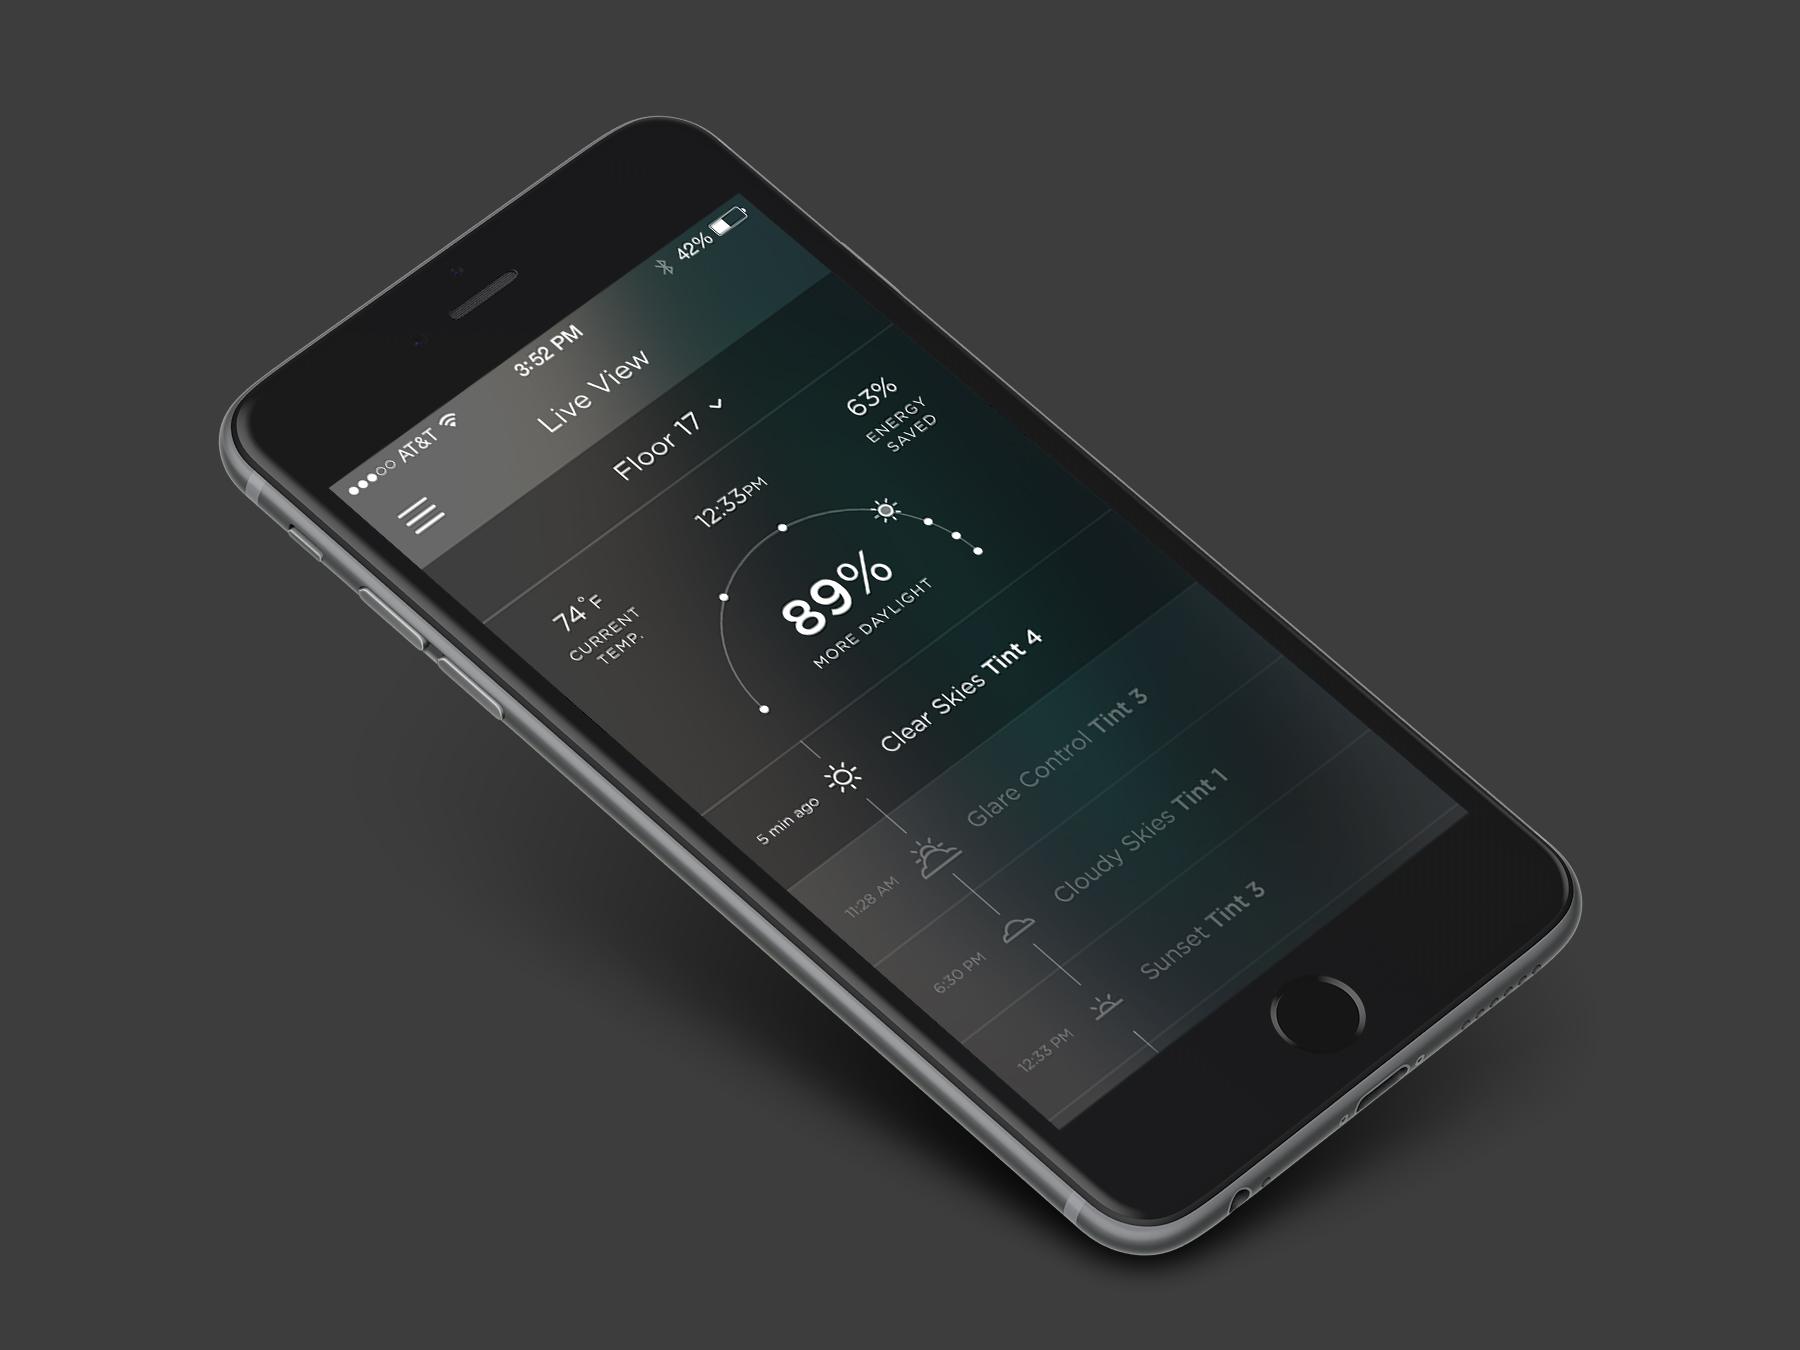 iPhone6Plus_ViewMockup1.2.jpg